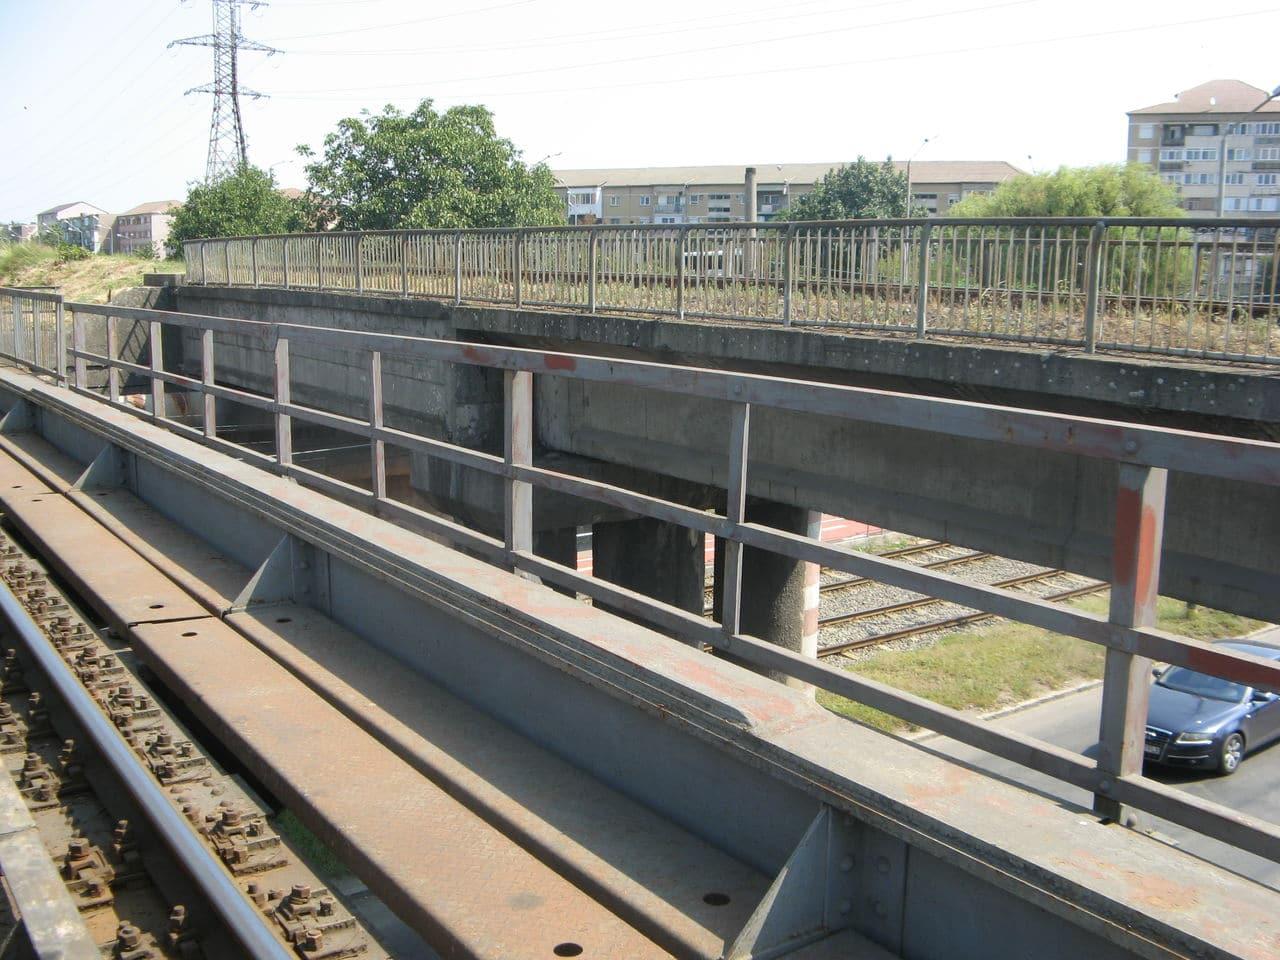 Calea ferată directă Oradea Vest - Episcopia Bihor IMG_0021